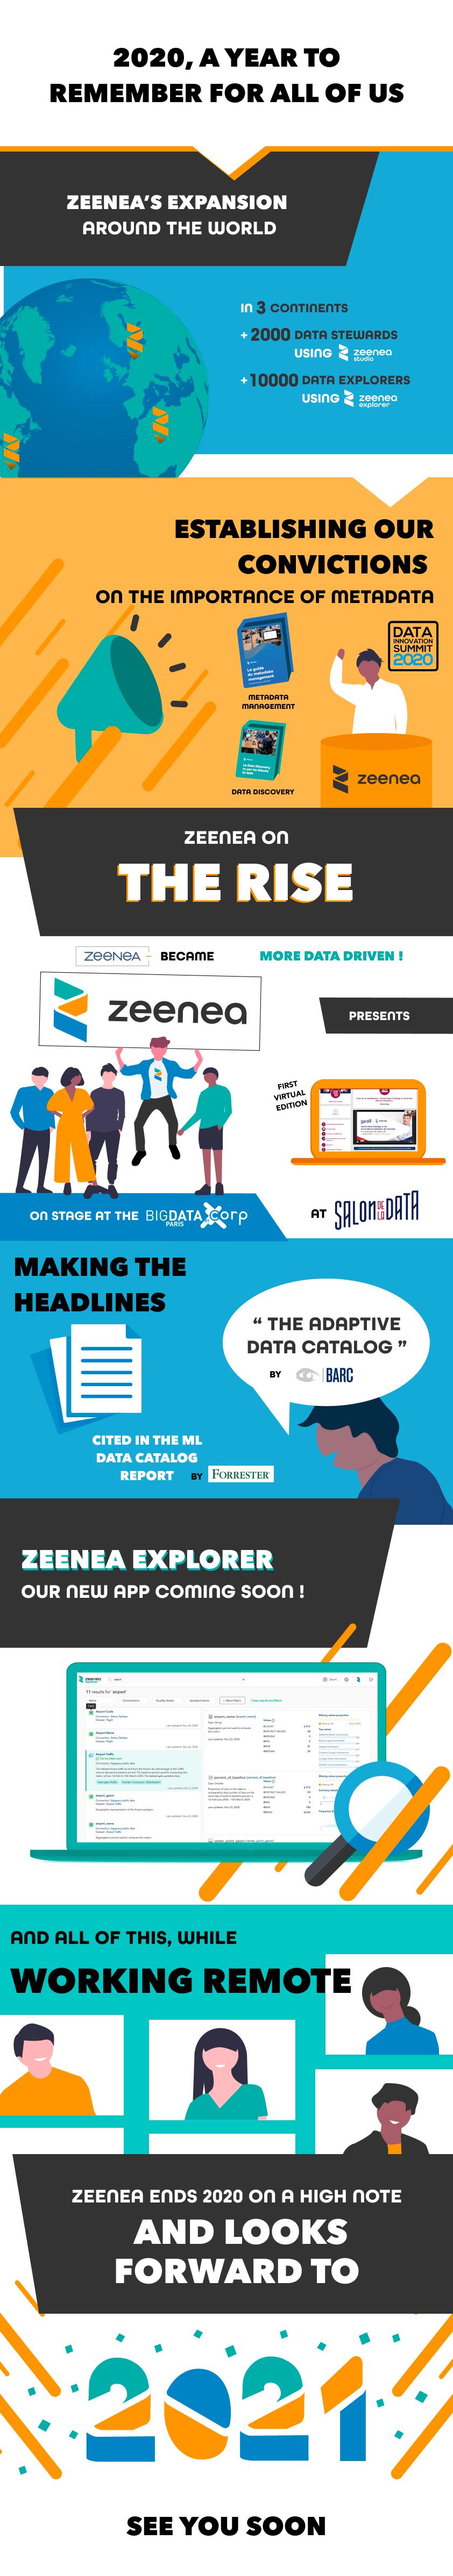 zeenea-in-2020-infographic-FINAL-EN